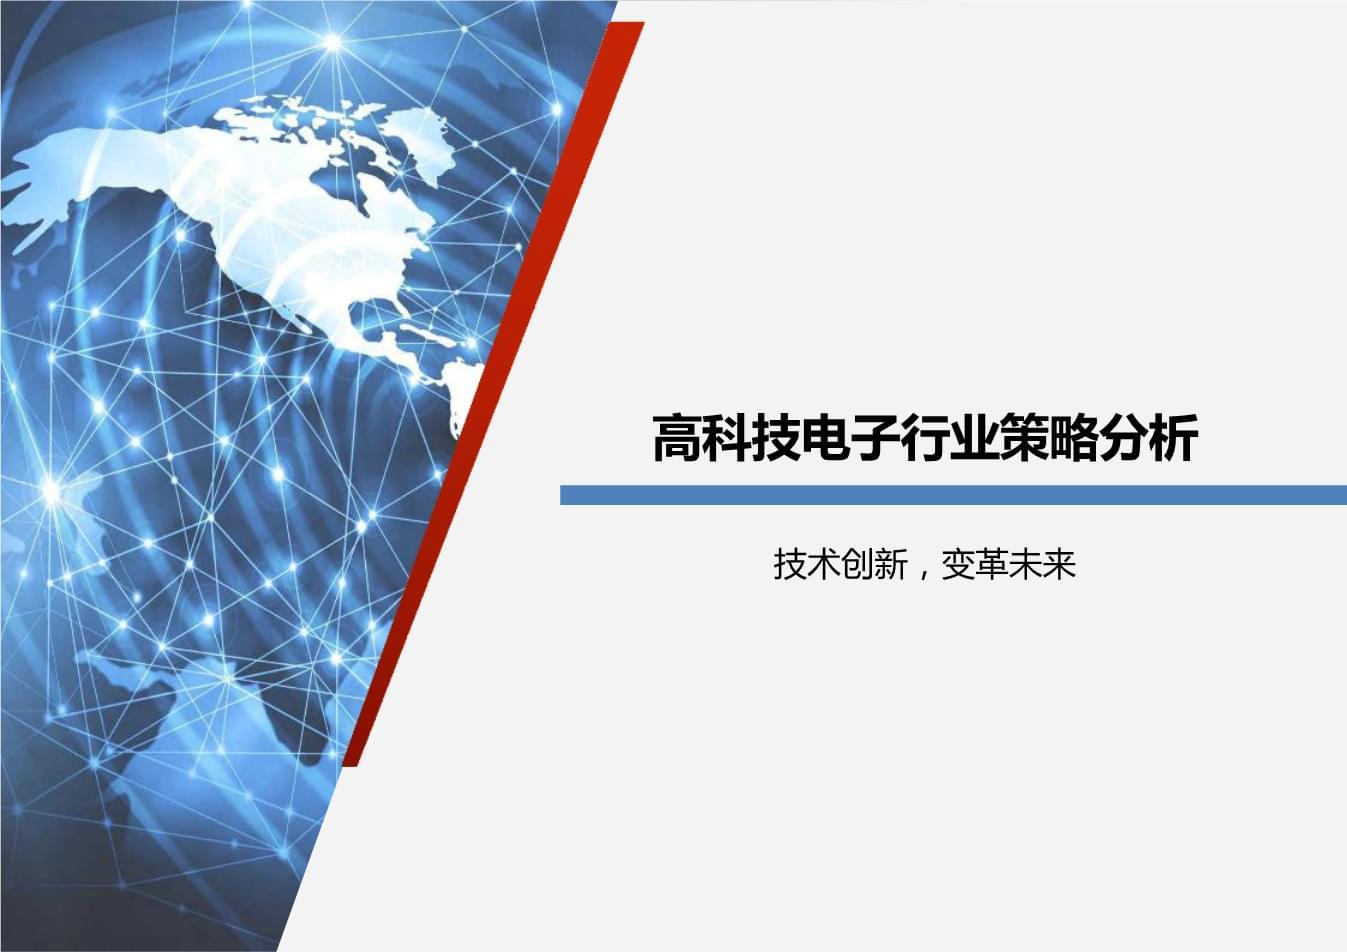 高科技电子行业策略分析.pptx